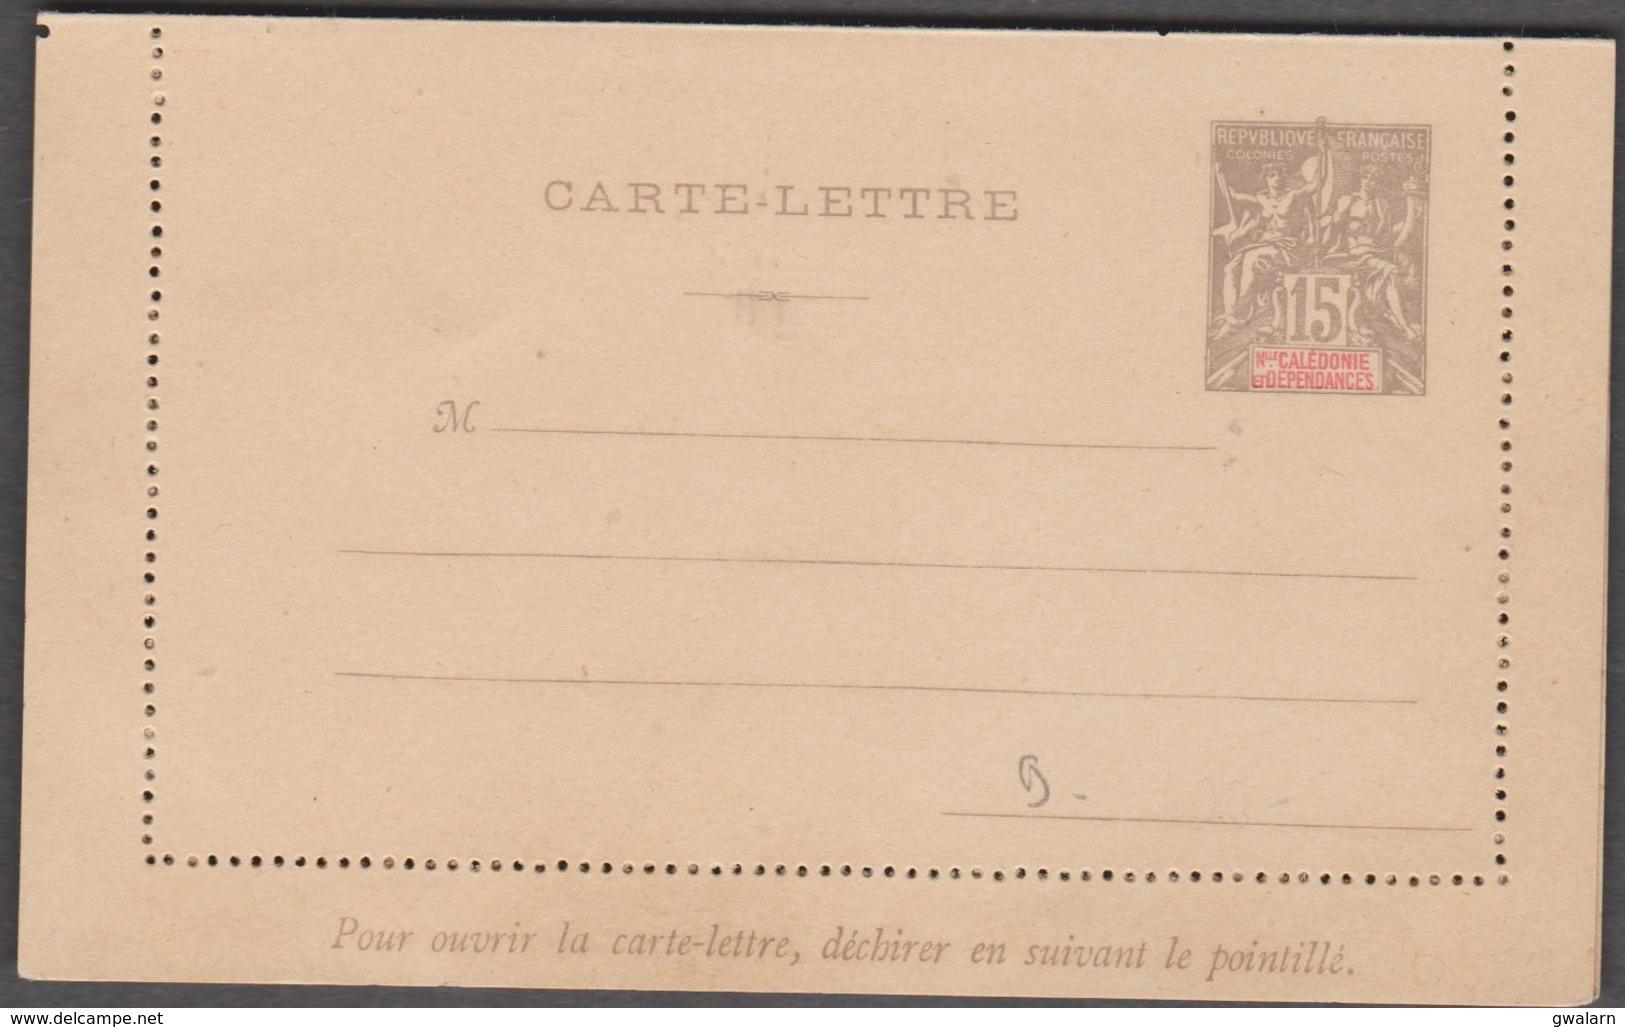 NOUVELLE CALEDONIE 1 Entier Postal Neuf YT 21-CL Carte Lettre Timbre émissions Coloniales De1900 15c Gris - Entiers Postaux